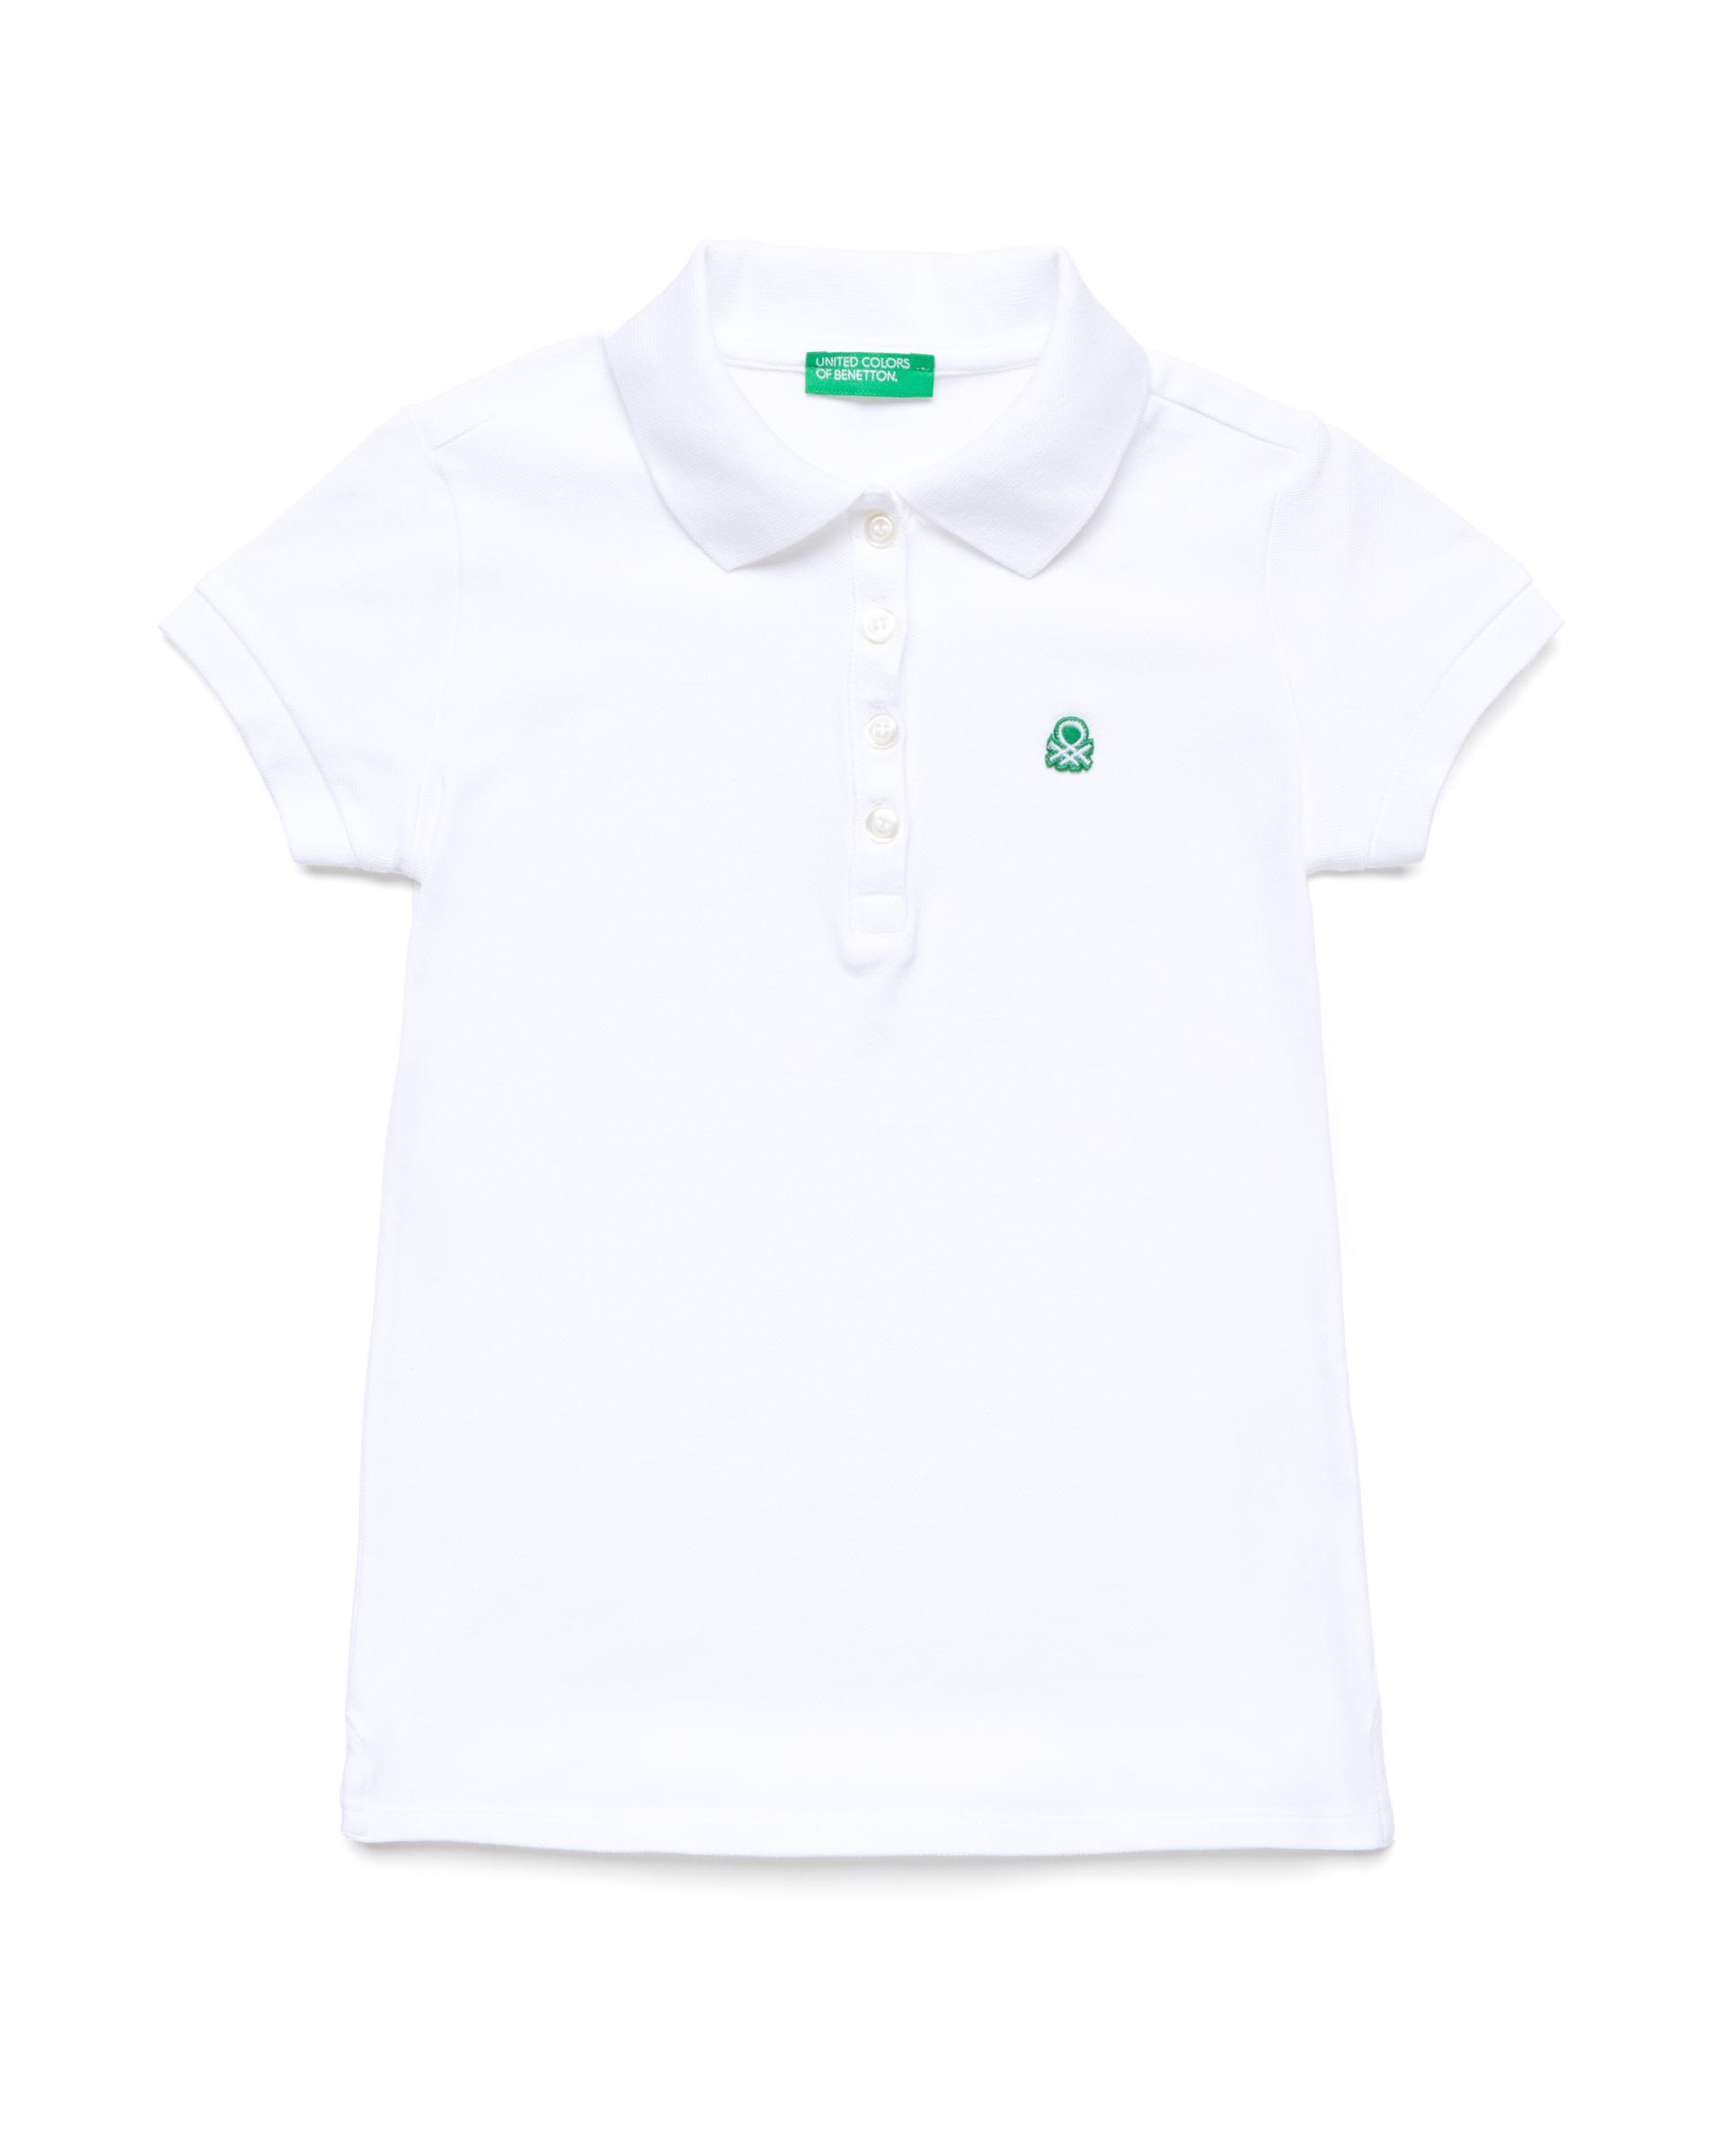 Купить CCC_3WG9C3092_101, Поло-пике для девочек Benetton 3WG9C3092_101 р-р 128, United Colors of Benetton, Детские футболки